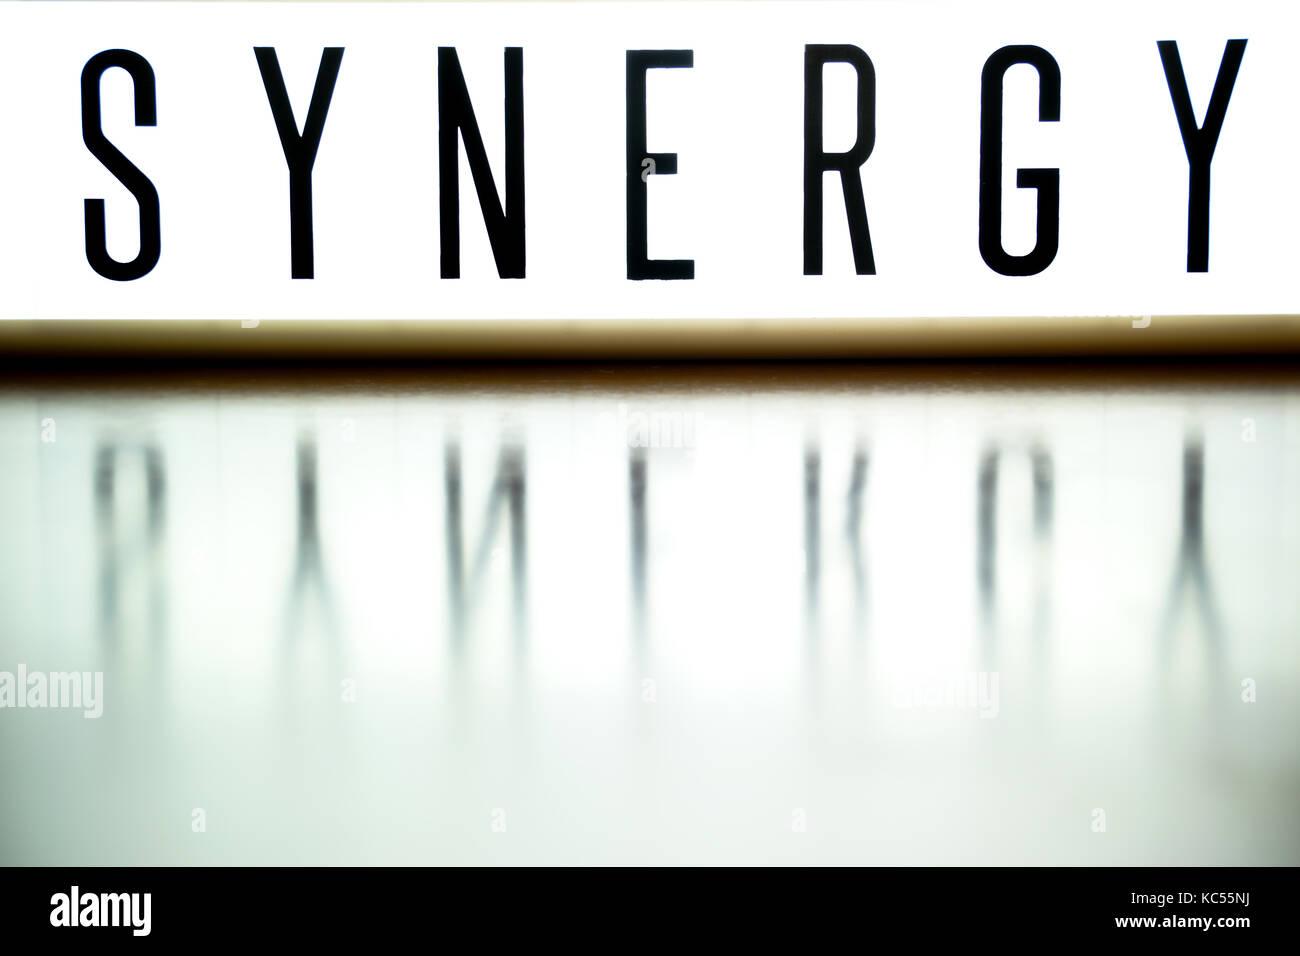 Ein Licht die Platine zeigt den Satz Synergie auf Holz Stockbild